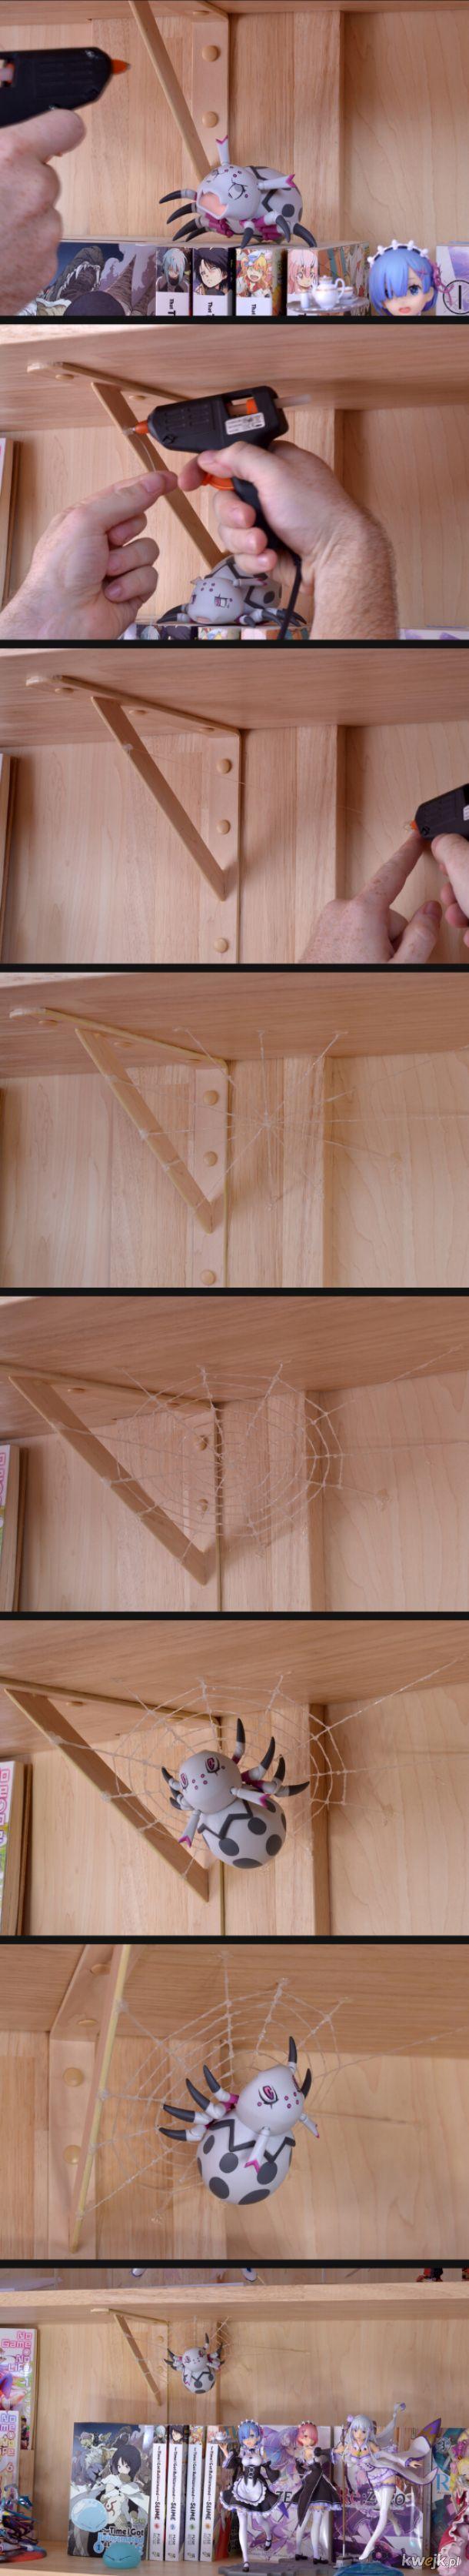 Miejsce dla pajączka z glutownicą